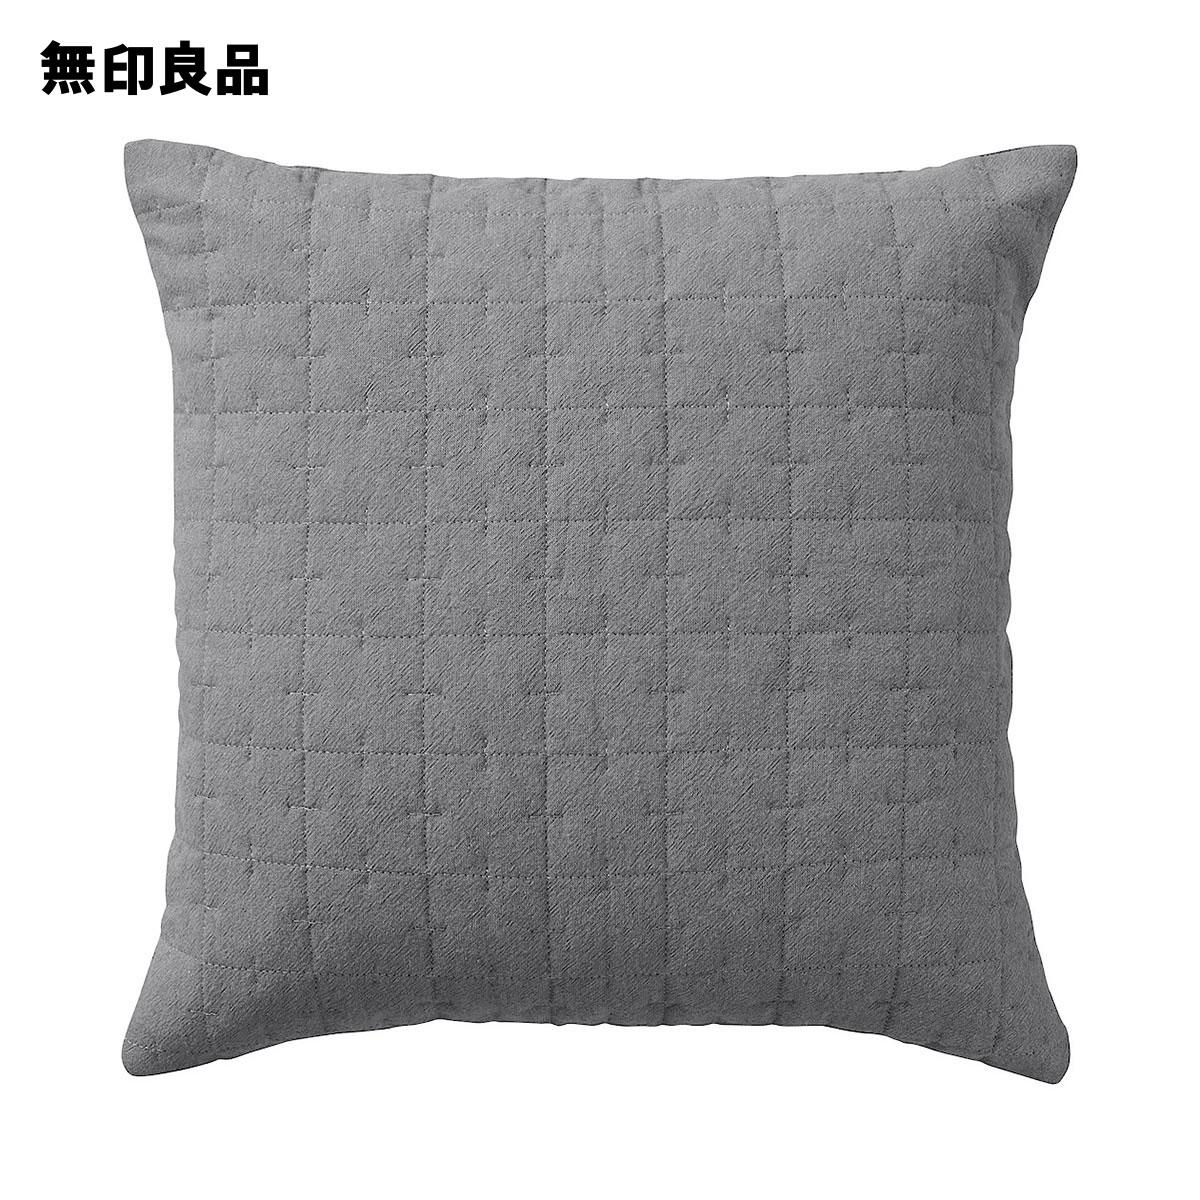 【無印良品 公式】麻綿キルトクッションカバー/グレー 43×43cm用